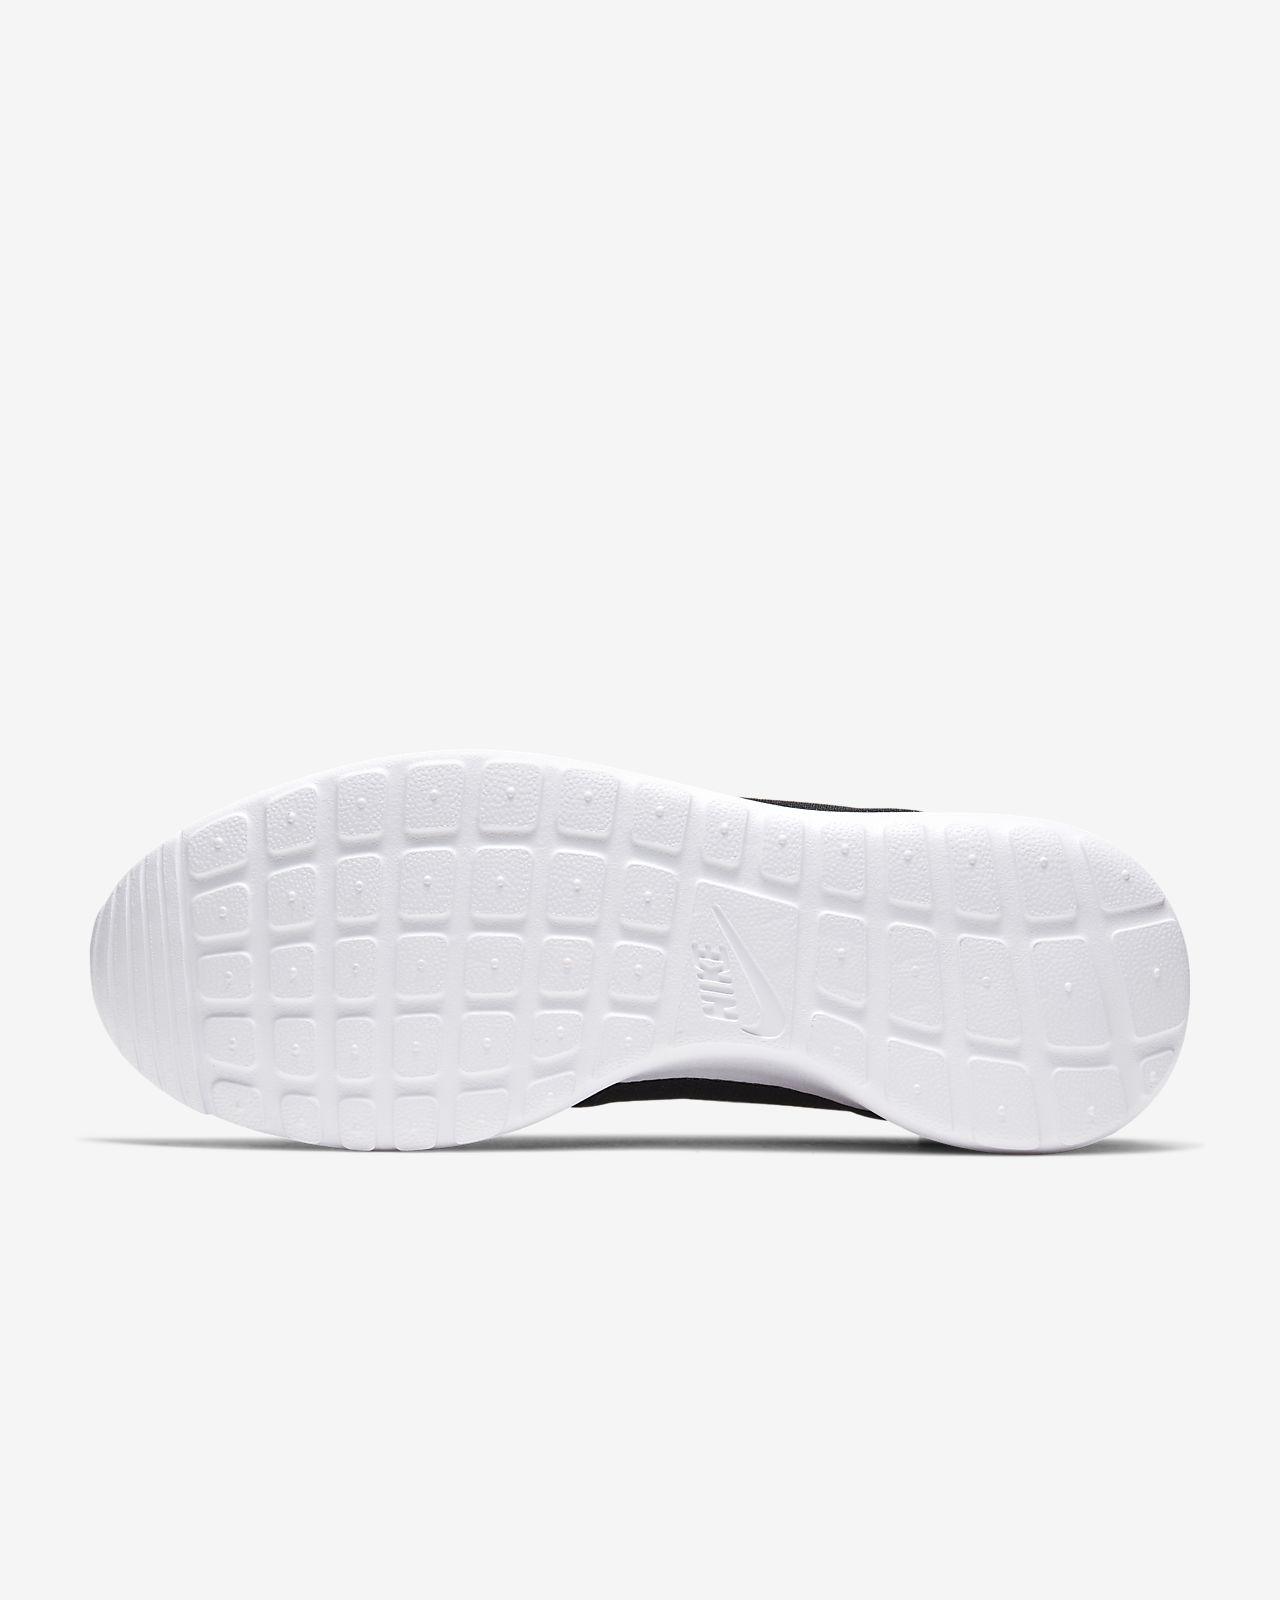 e7e9ad0021d0 Nike Roshe One Women s Shoe. Nike.com